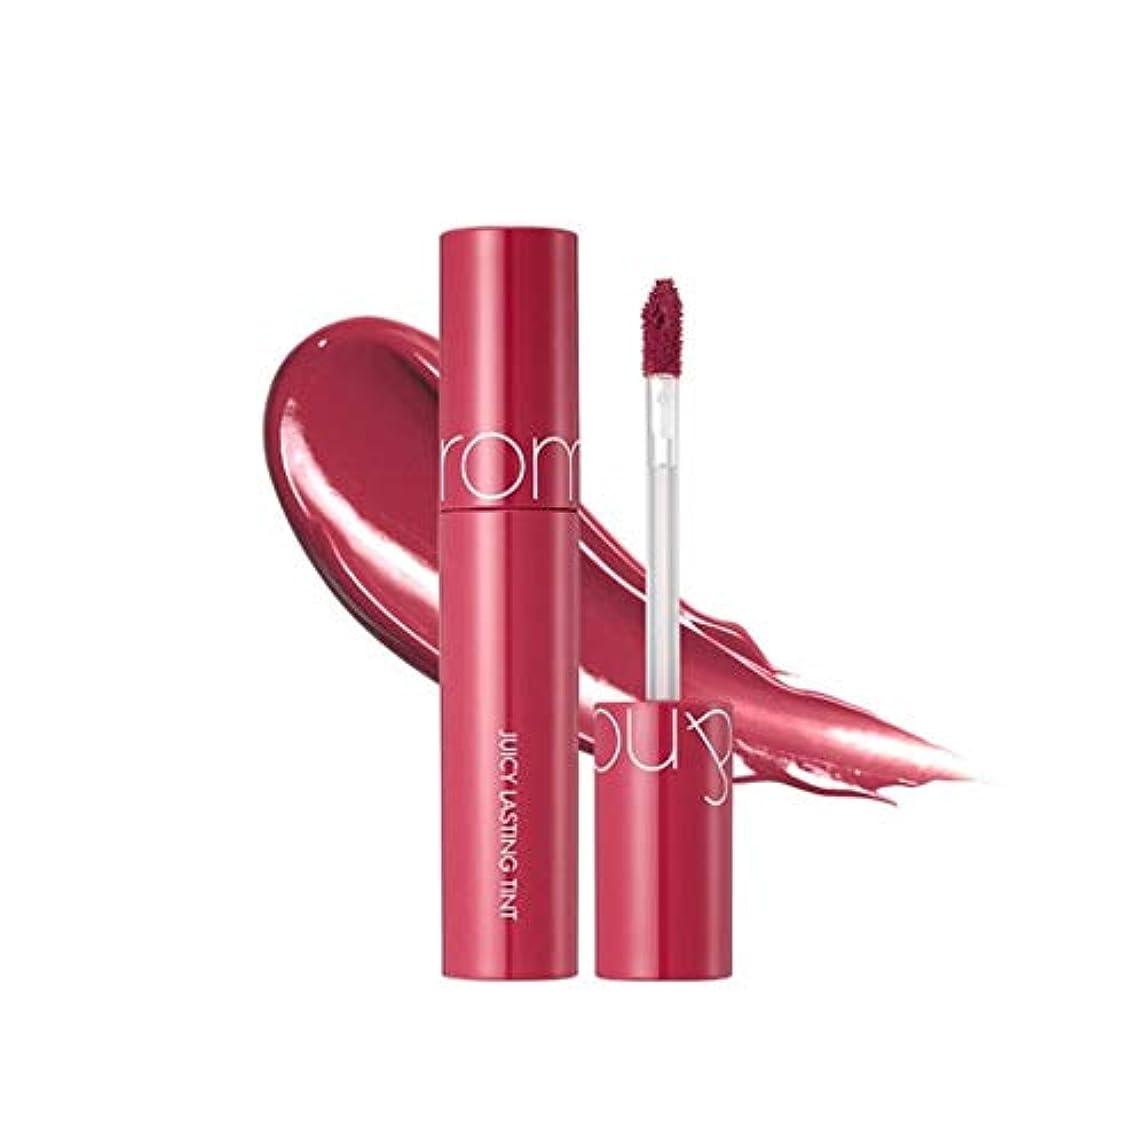 慣れている取り付け送金ローム?アンド?ジューシーラスティングティントリップティント韓国コスメ、Rom&nd Juicy Lasting Tint Lip Tint Korean Cosmetics [並行輸入品] (No.6 figfig)